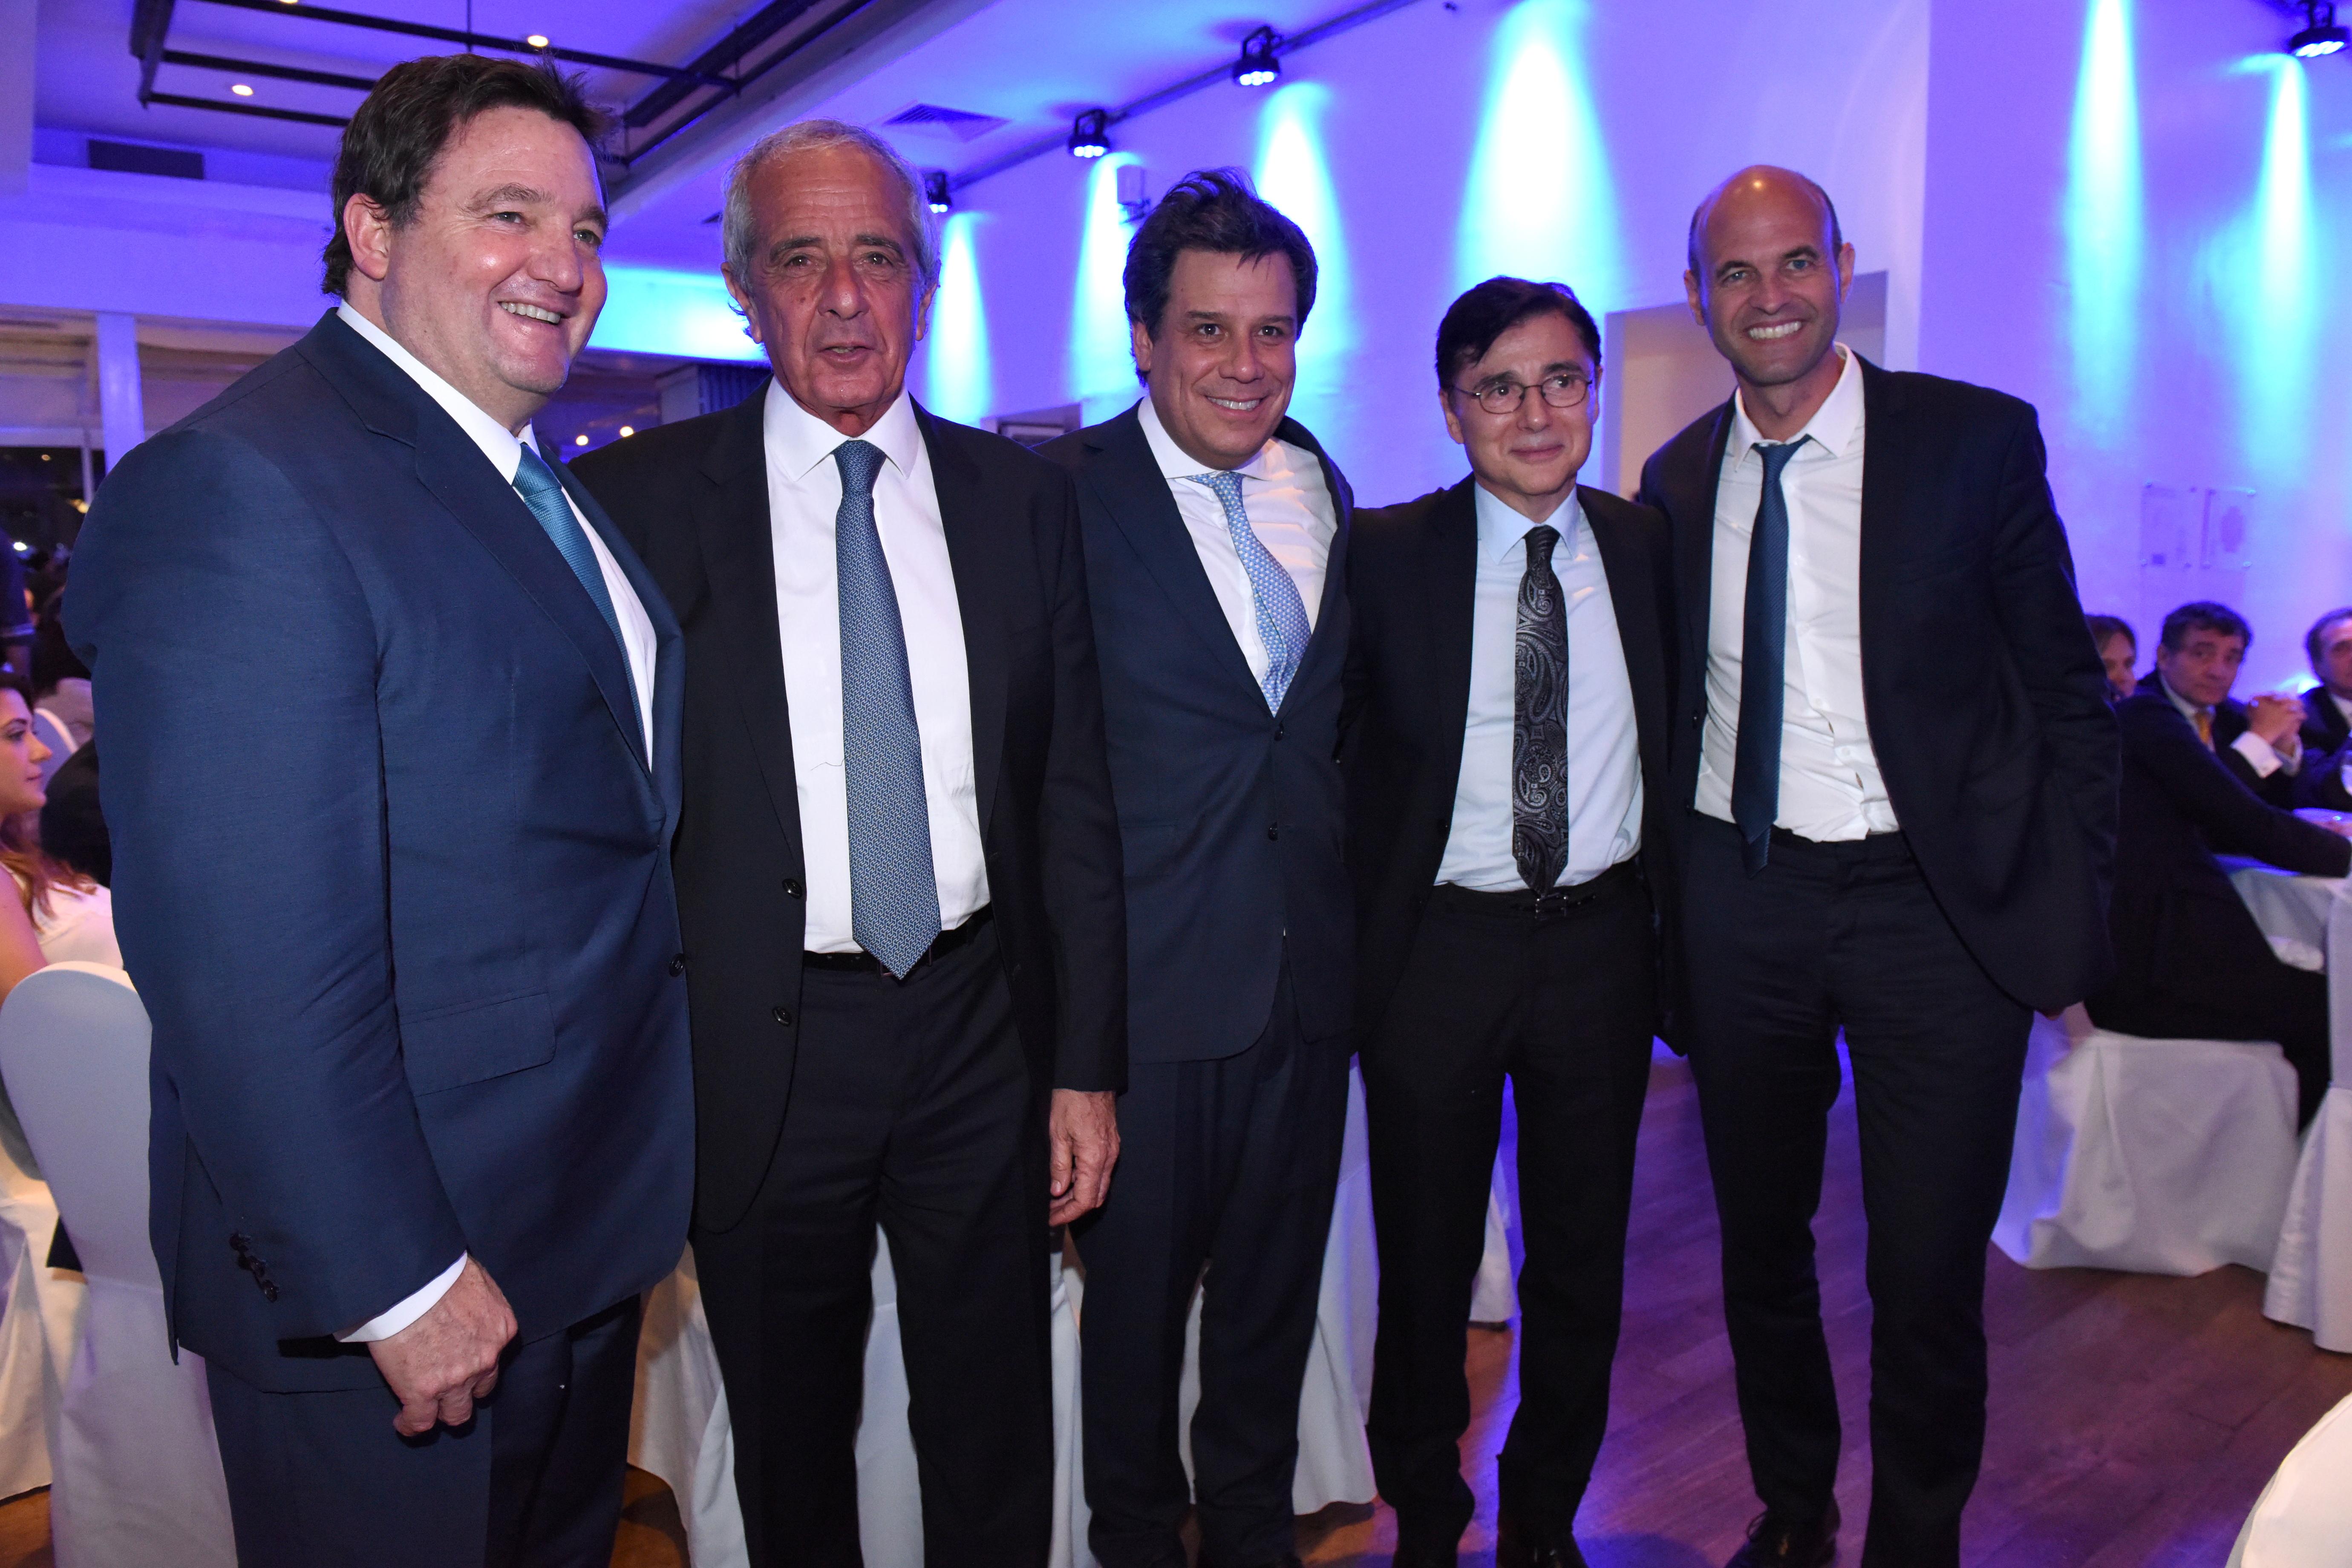 Alejandro Macfarlane, el presidente de River, Rodolfo D'Onofrio; Facundo Manes; el CEO de la editorial Perfil, Jorge Fontevecchia y el ministro de Transporte, Guillermo Dietrich